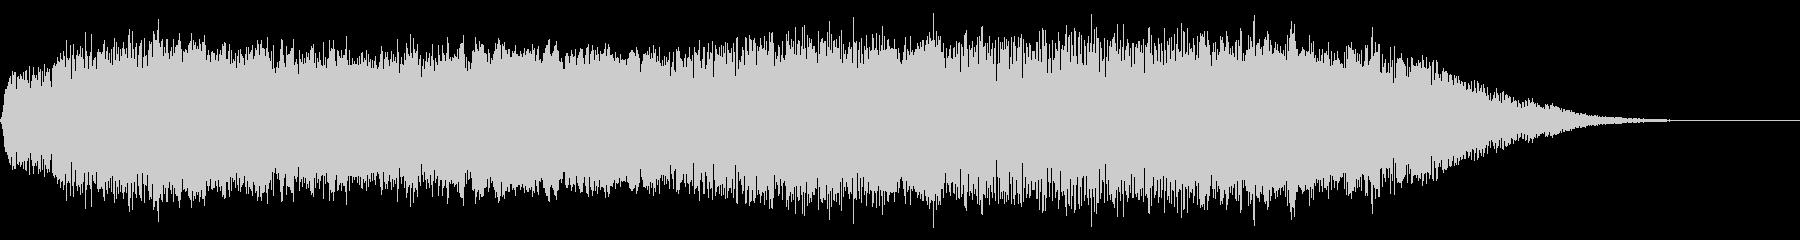 重層で広がりのあるサウンドロゴ、ジングルの未再生の波形